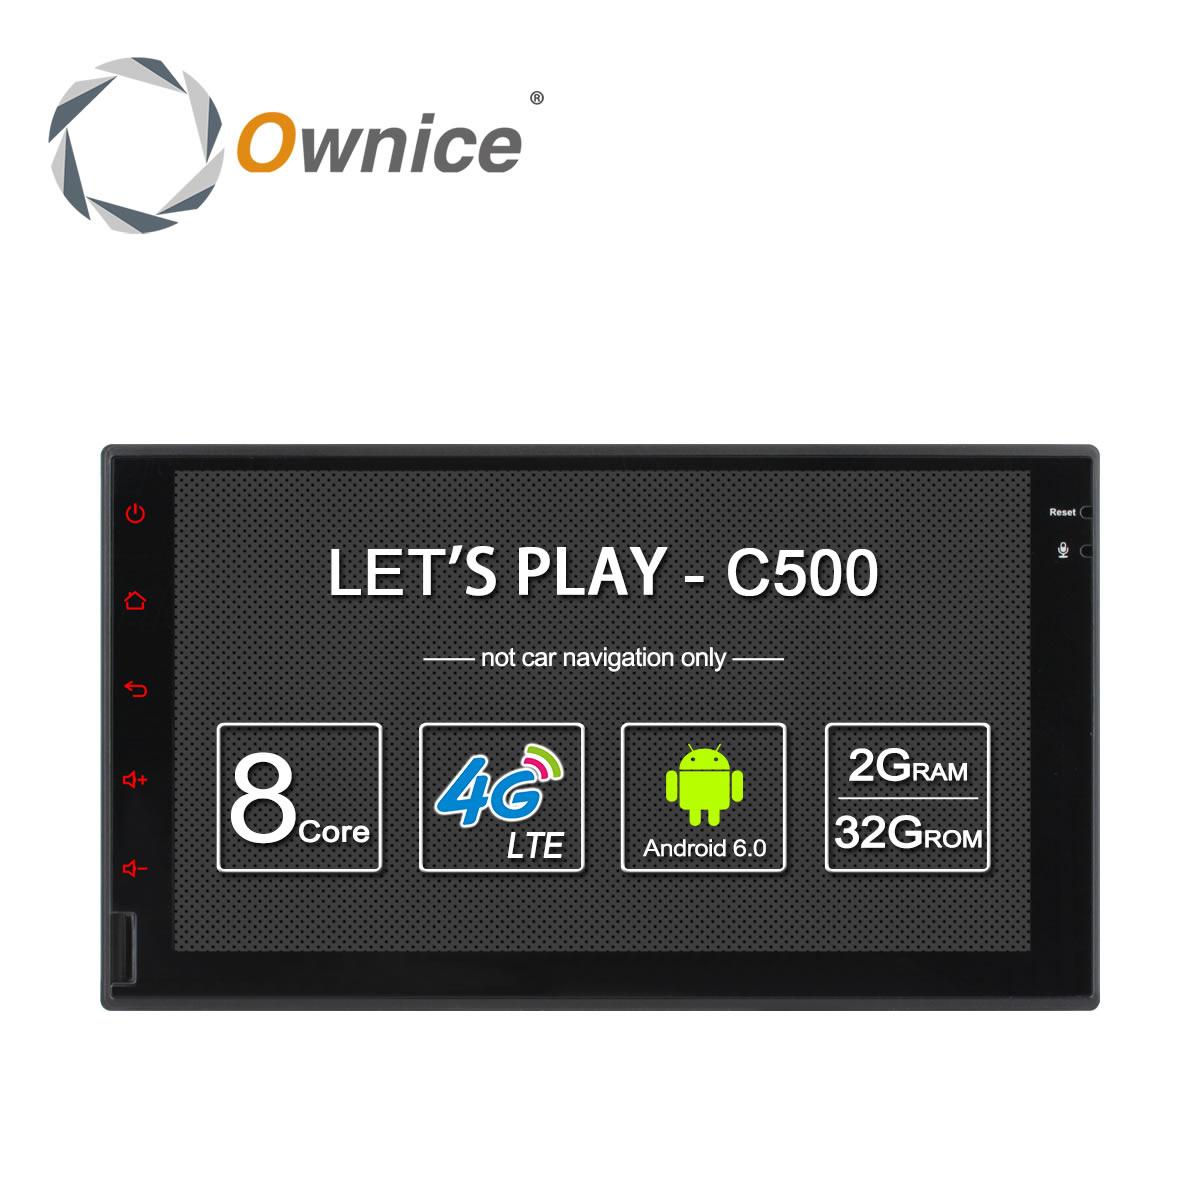 Ownice C500 Octa 8 Core Android 6.0 2G RAM 32 GB ROM Unterstützung 4G LTE SIM Netzwerk Auto GPS 2 din Universal autoradio player keine dvd-